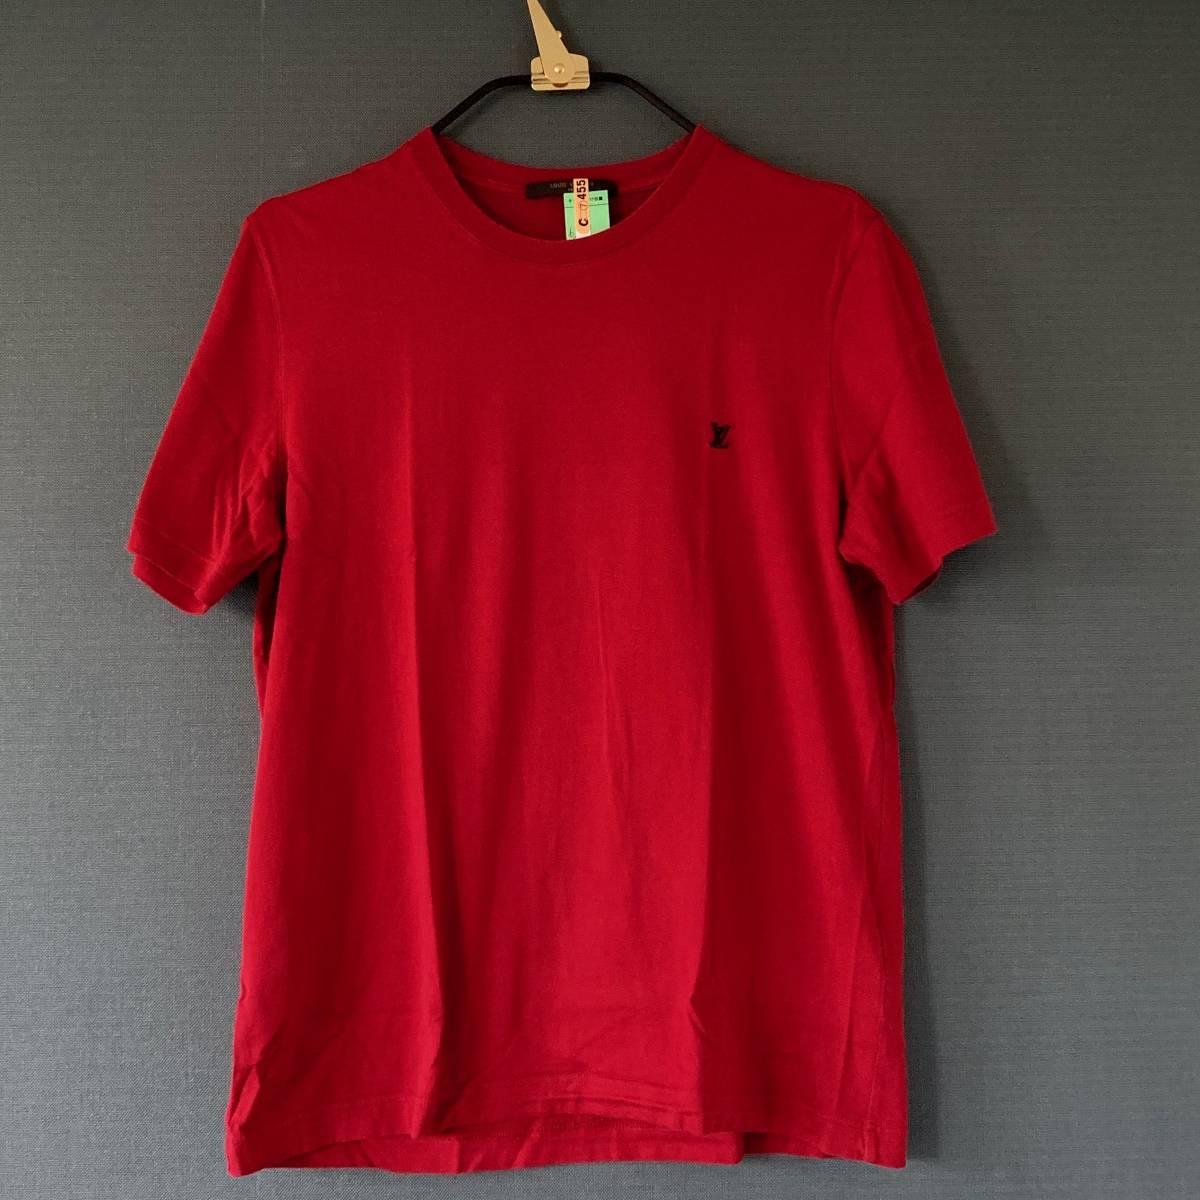 『 LOUIS VUITTON ルイ・ヴィトン 国内正規店 表参道店 』M メンズ Tシャツ MADE IN ITALY ワンポイント 刺繍 ロゴ コットン 半袖 本物保証